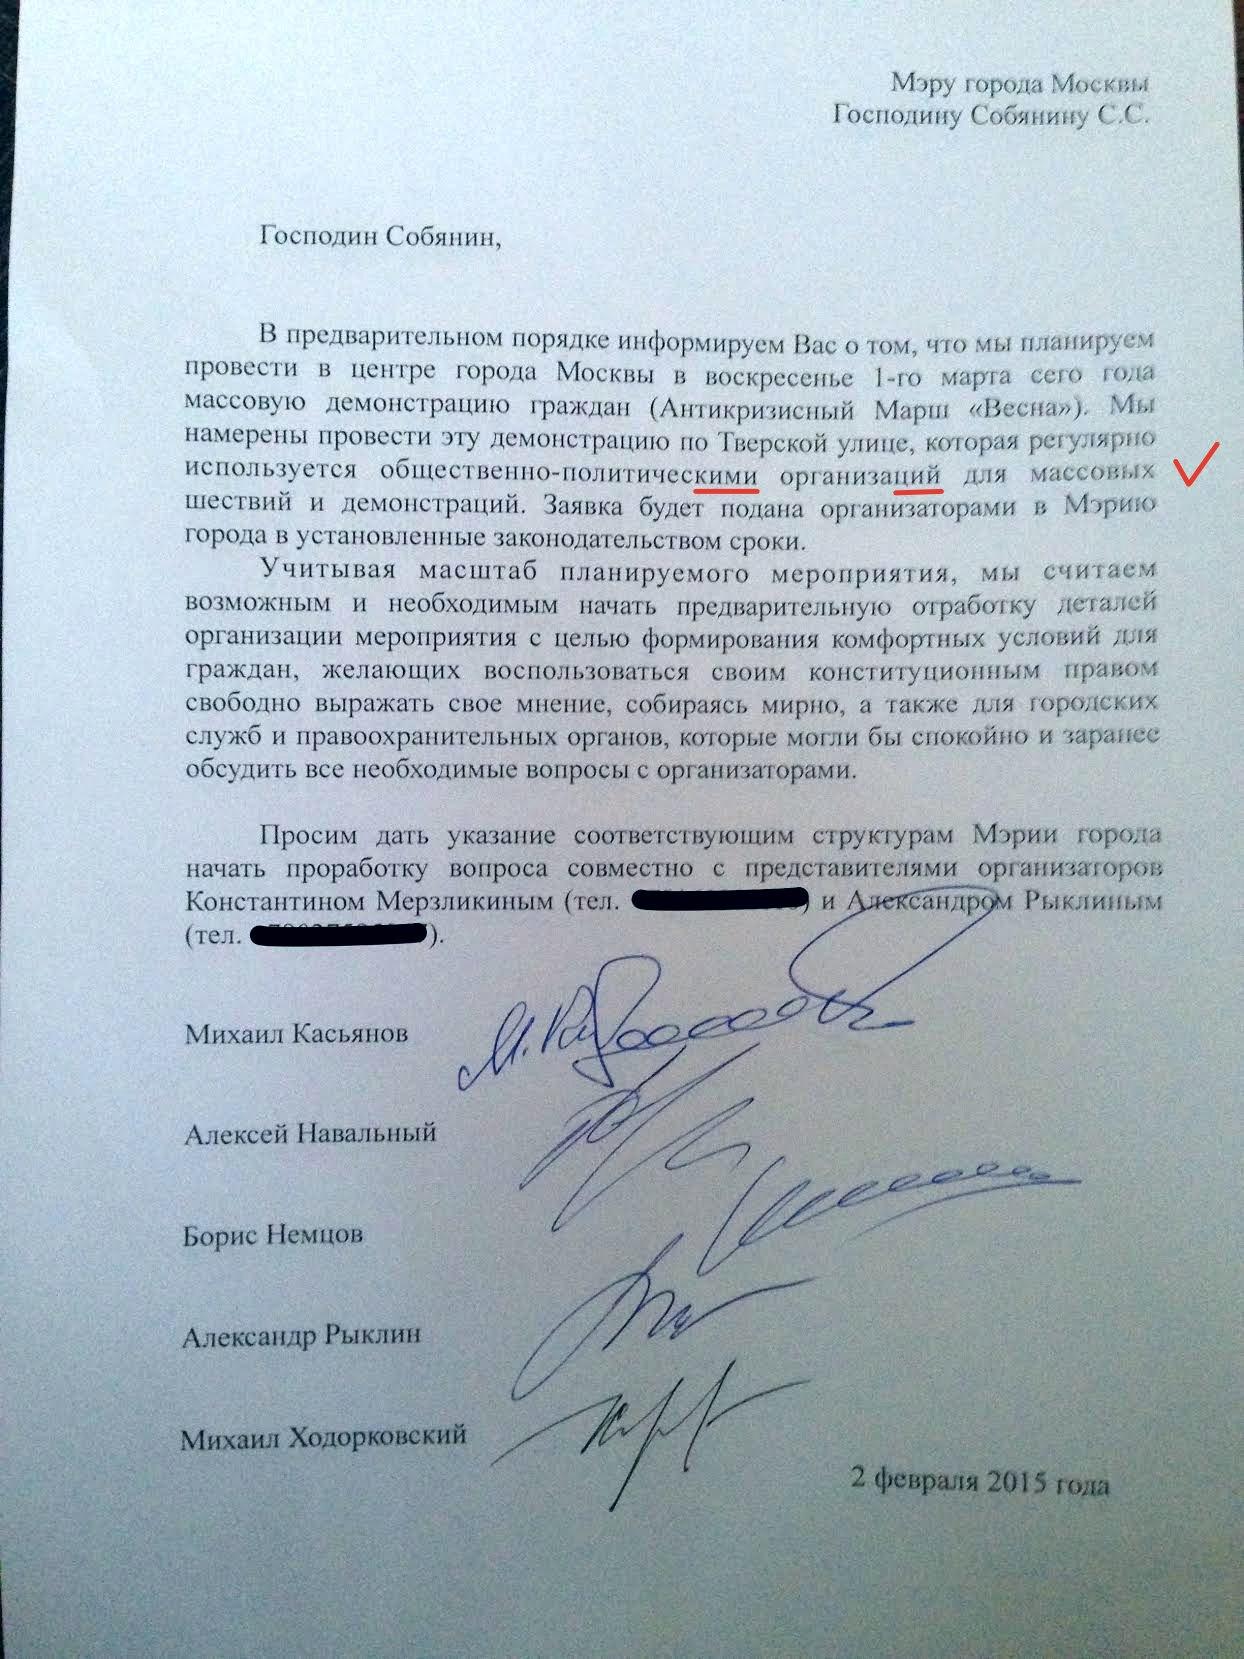 Обращение оппозиции в столичную мэрию на проведение марша. Иллюстрация с сайта Навального (//sor65qi3x.navalny.me)